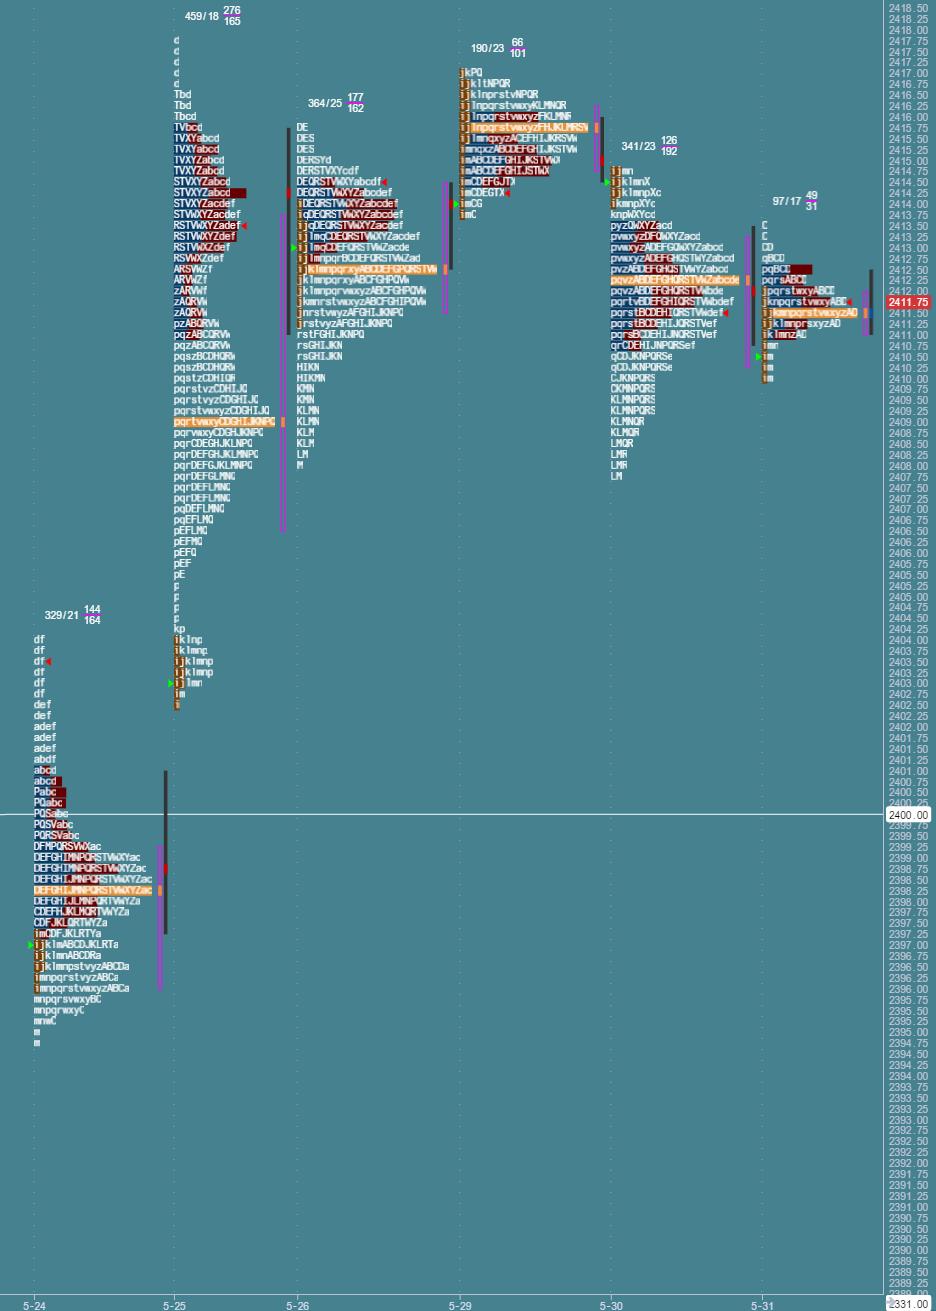 Przygotowanie do sesji: market profile z 31 maja